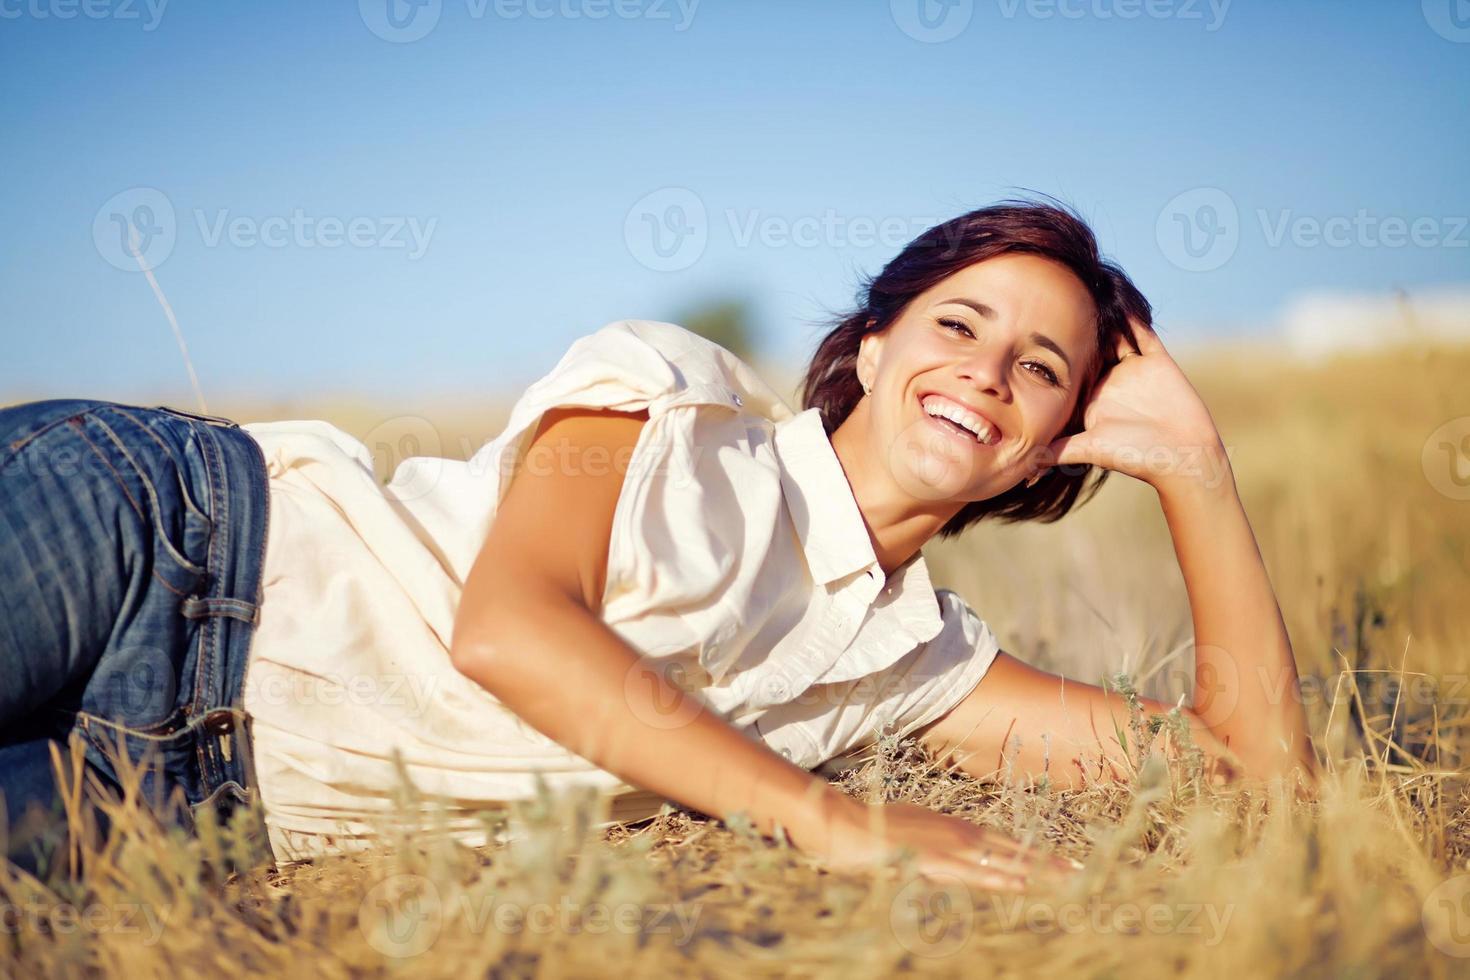 donna in un campo foto